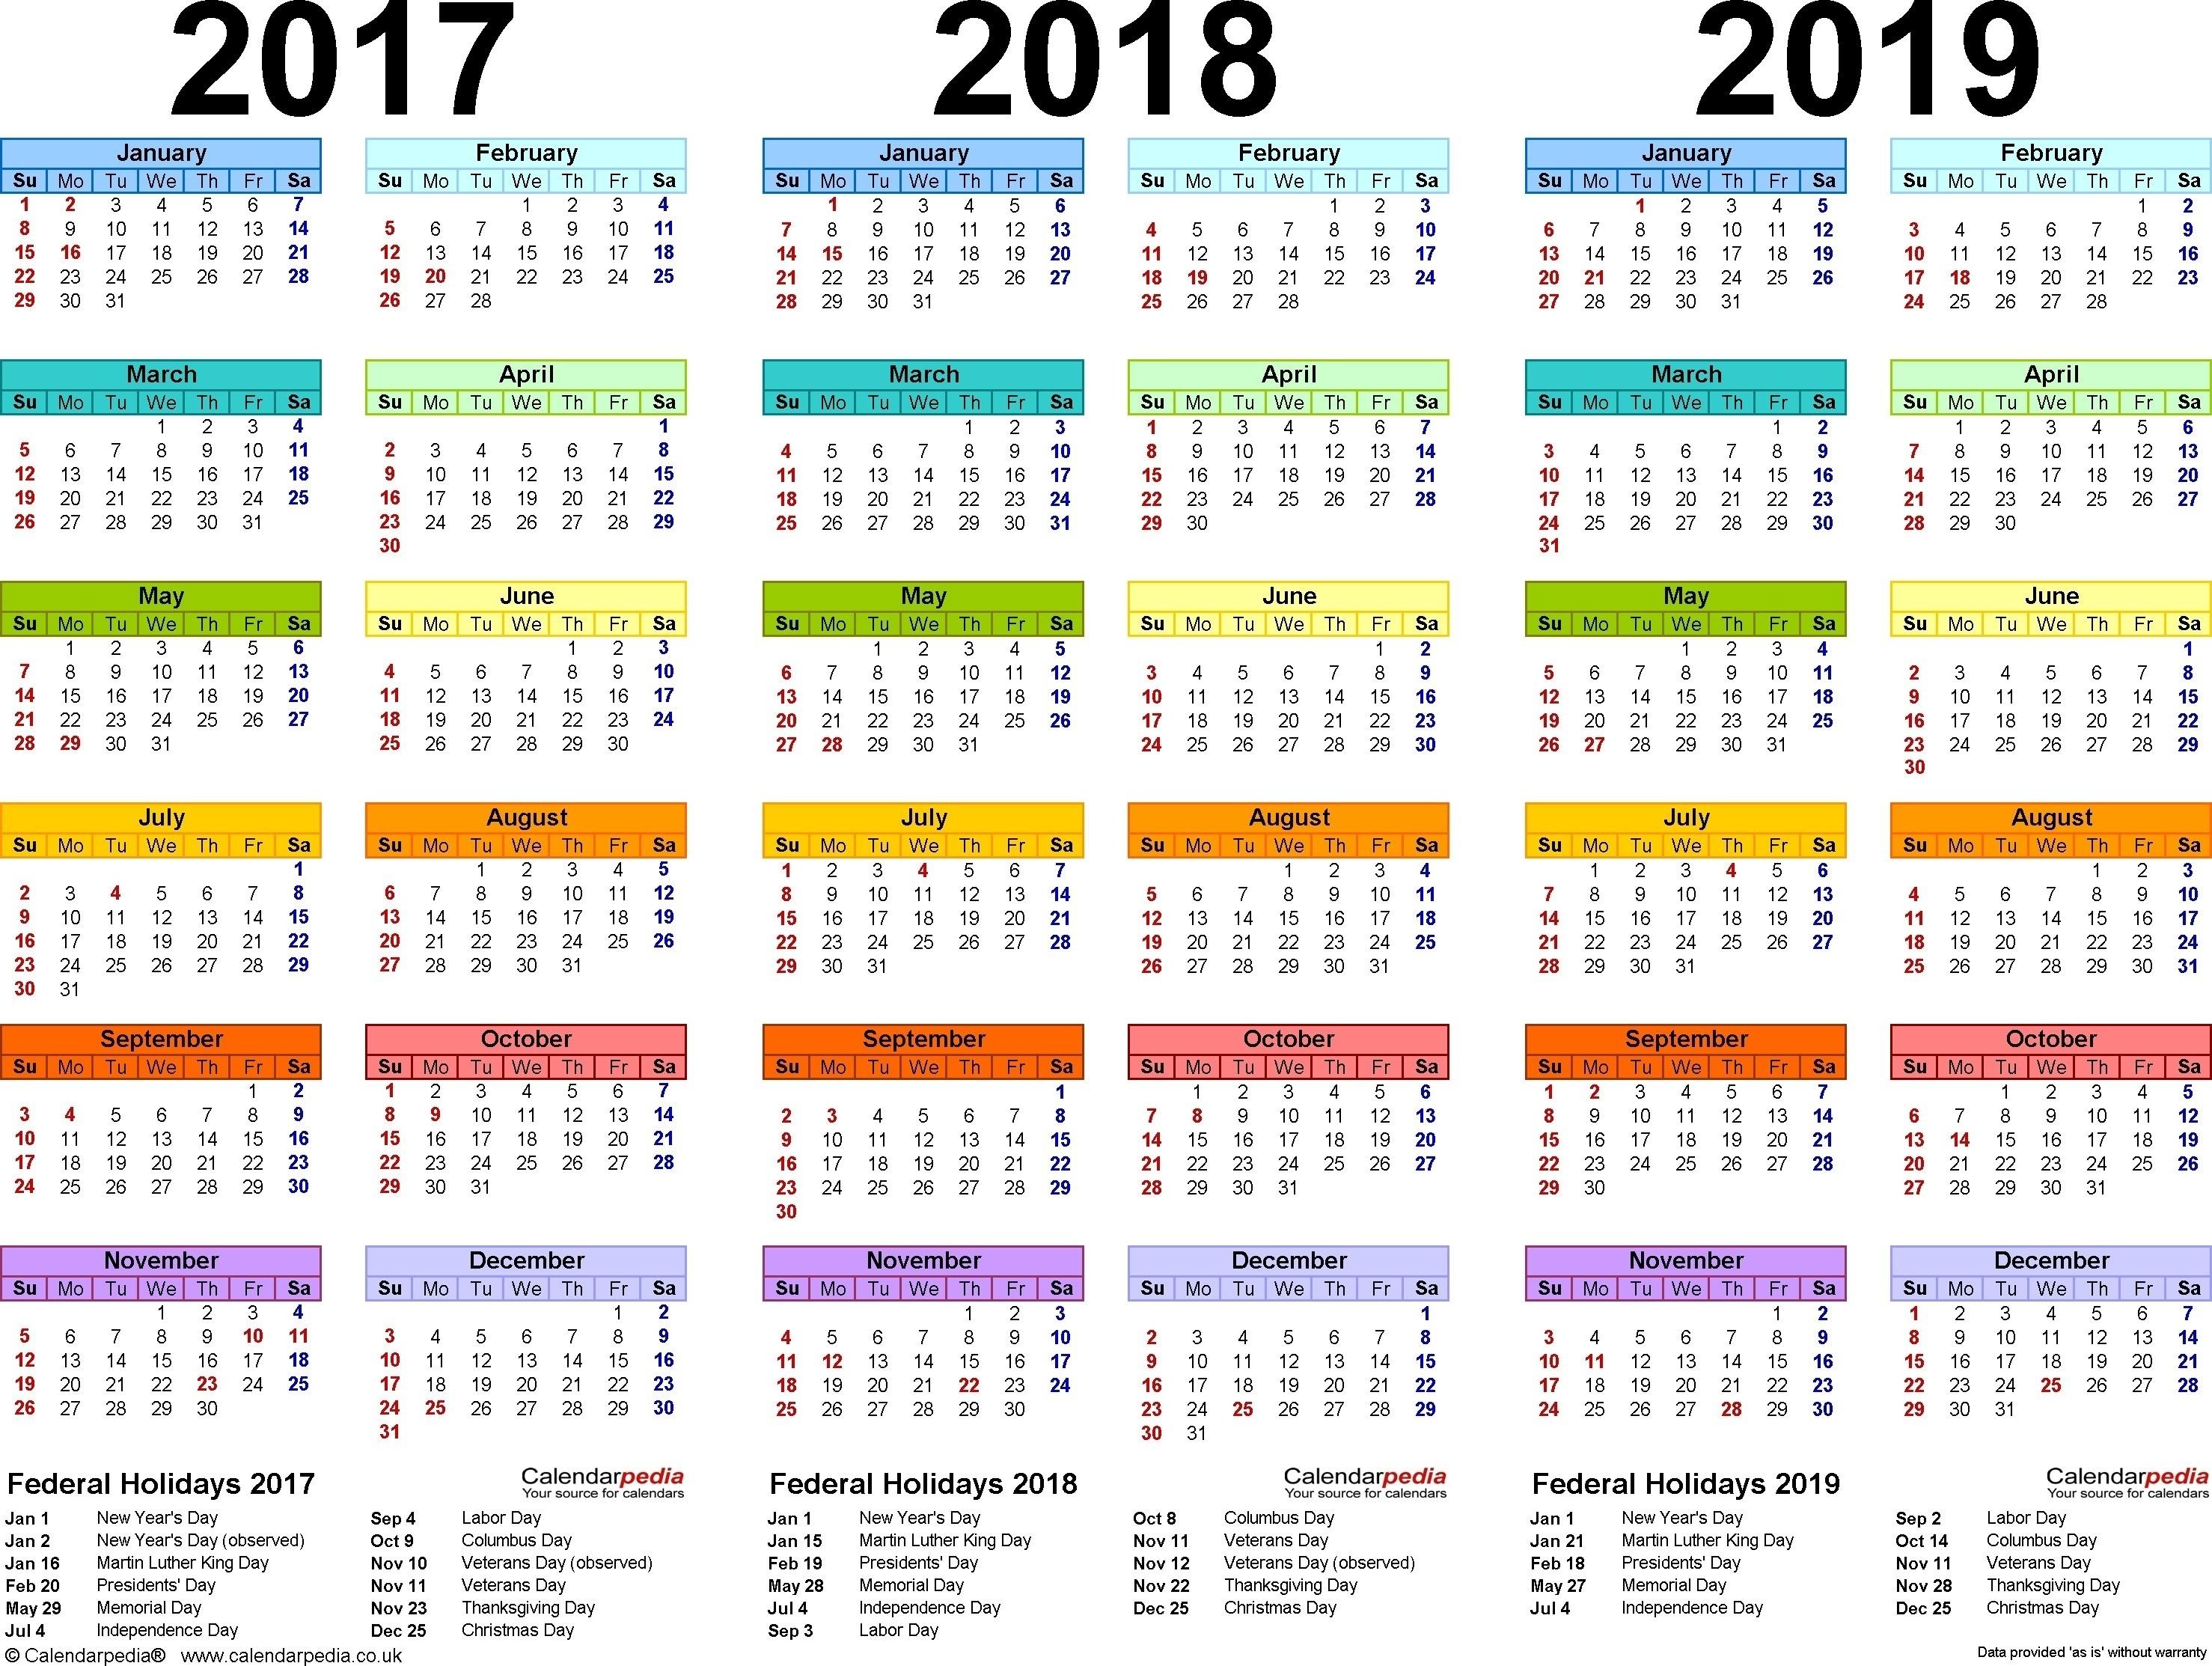 Depo Provera Calendar 2019 Printable Download For Free – Calendaro intended for Depo-Provera Printable Calendar For Sept